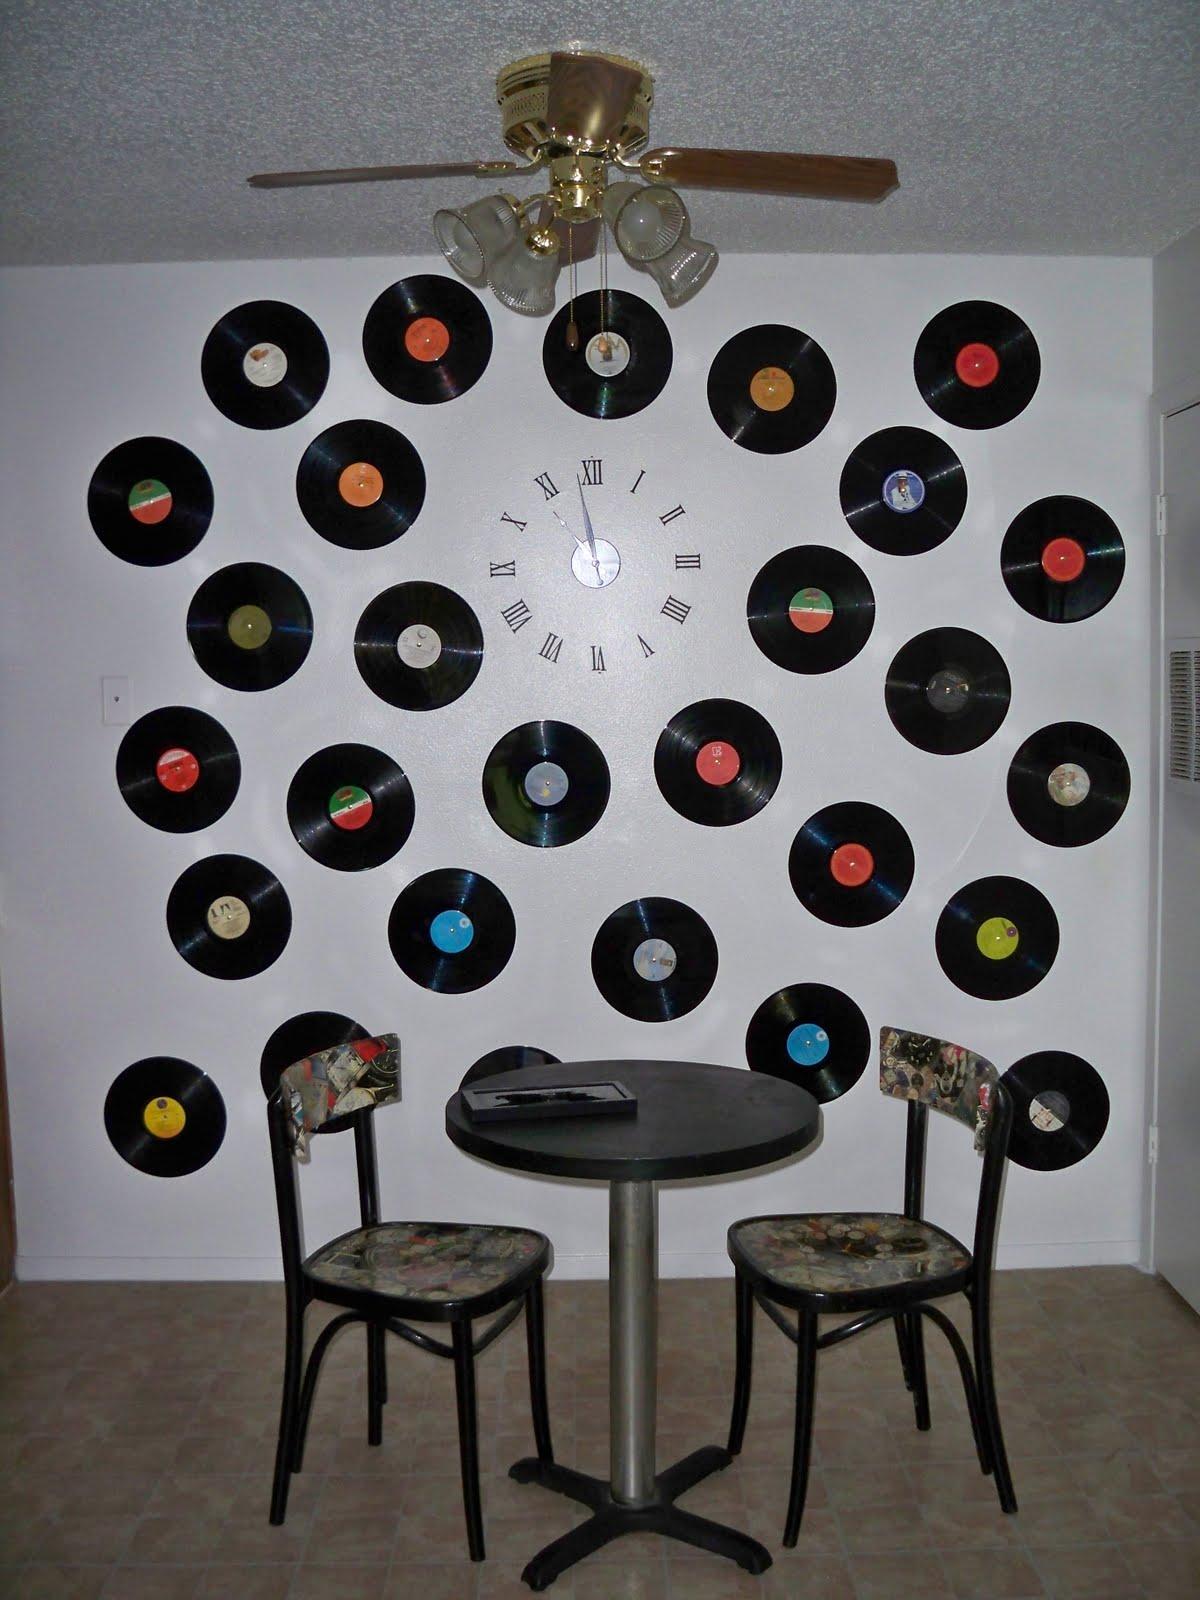 Decora o e projetos decora o com disco de vinil fotos - Decoracion con discos de vinilo ...